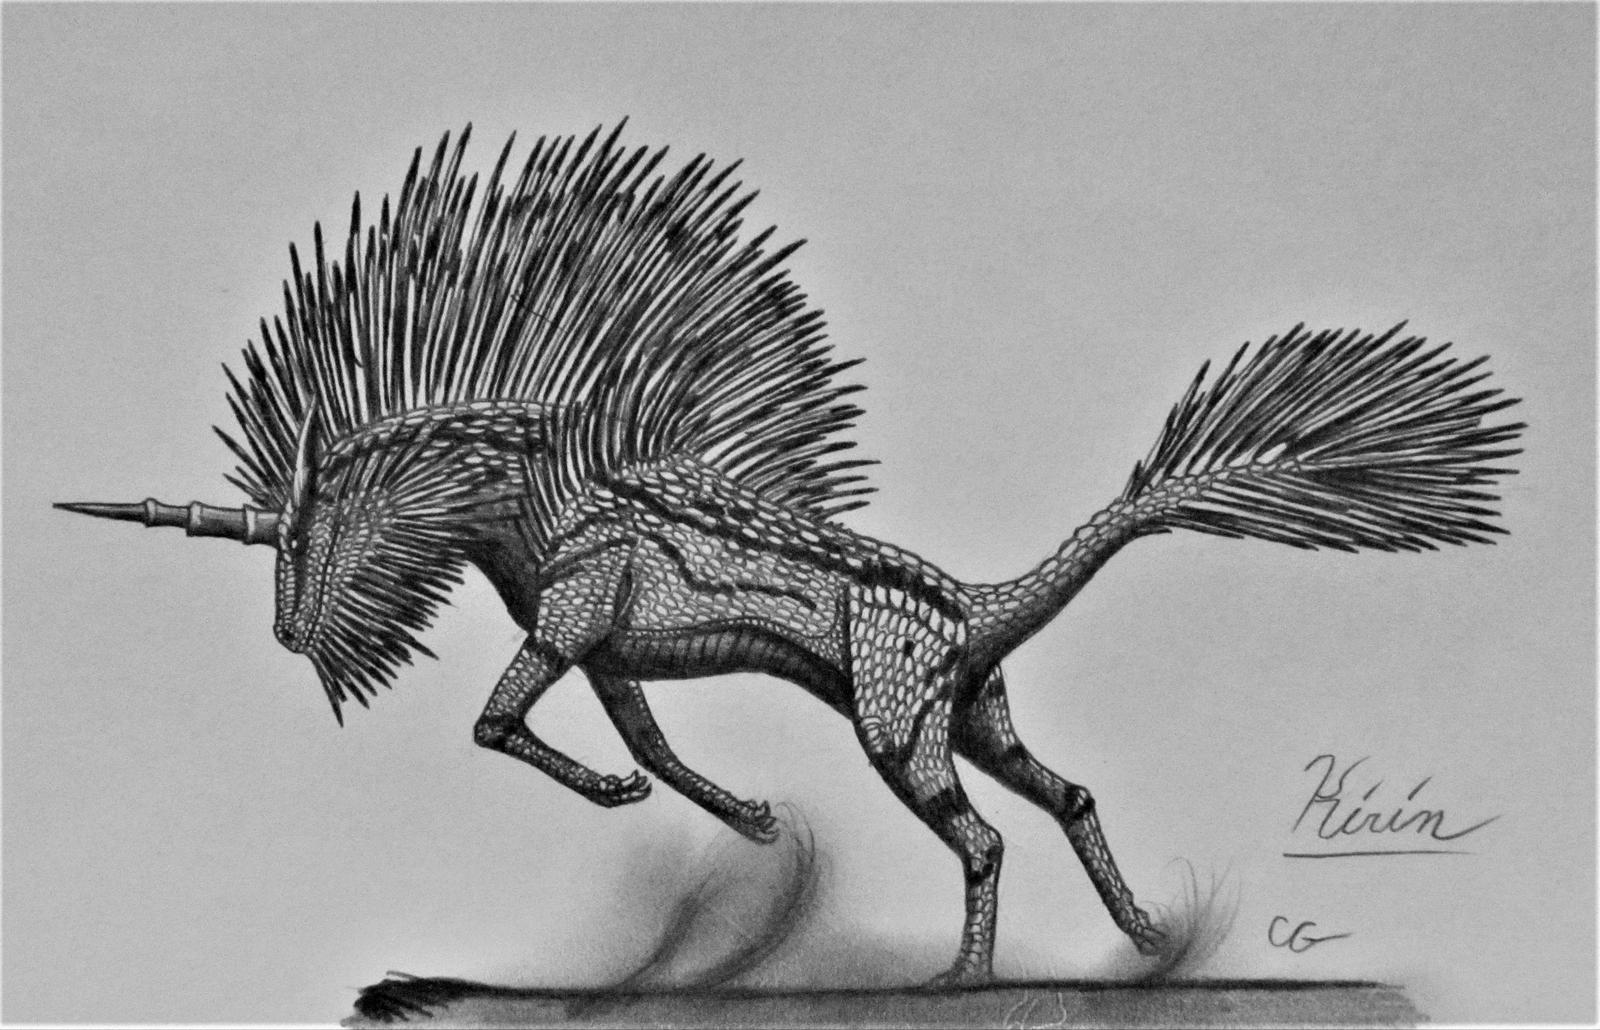 Monster Hunter: Kirin by AcroSauroTaurus